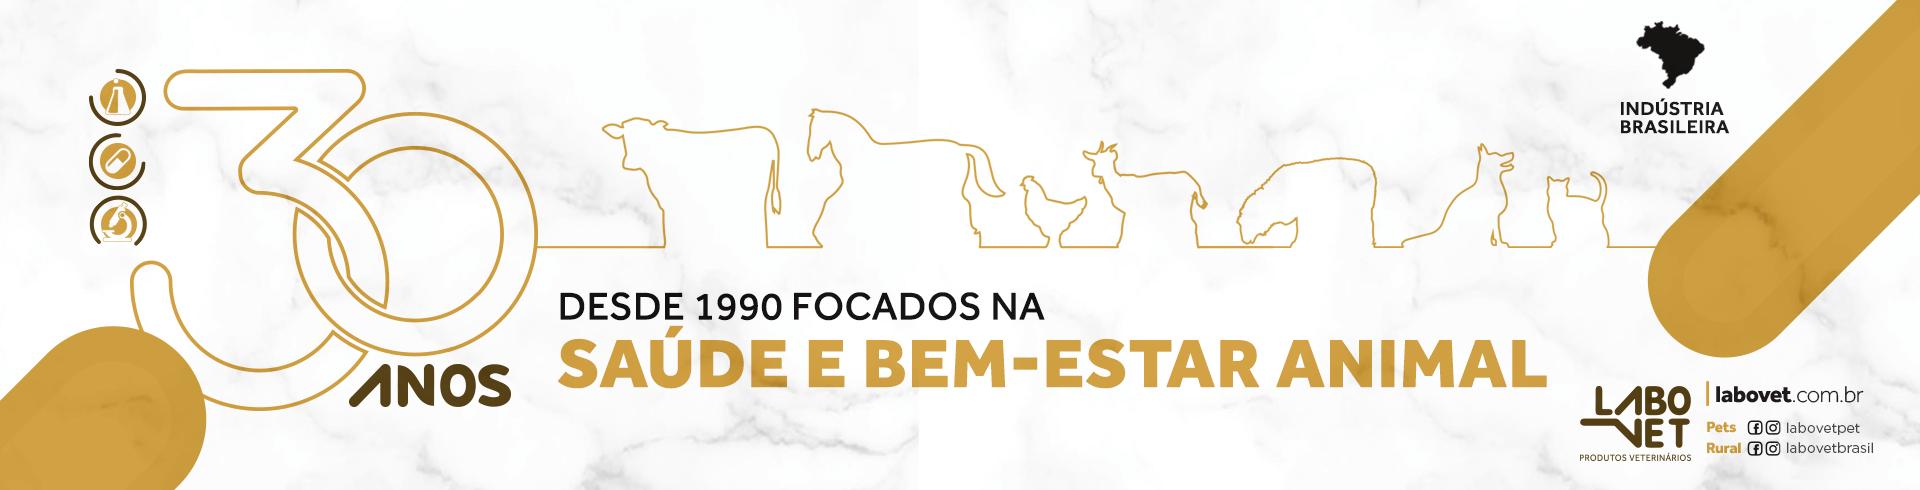 banner-site30anos-1920x490-novasredes